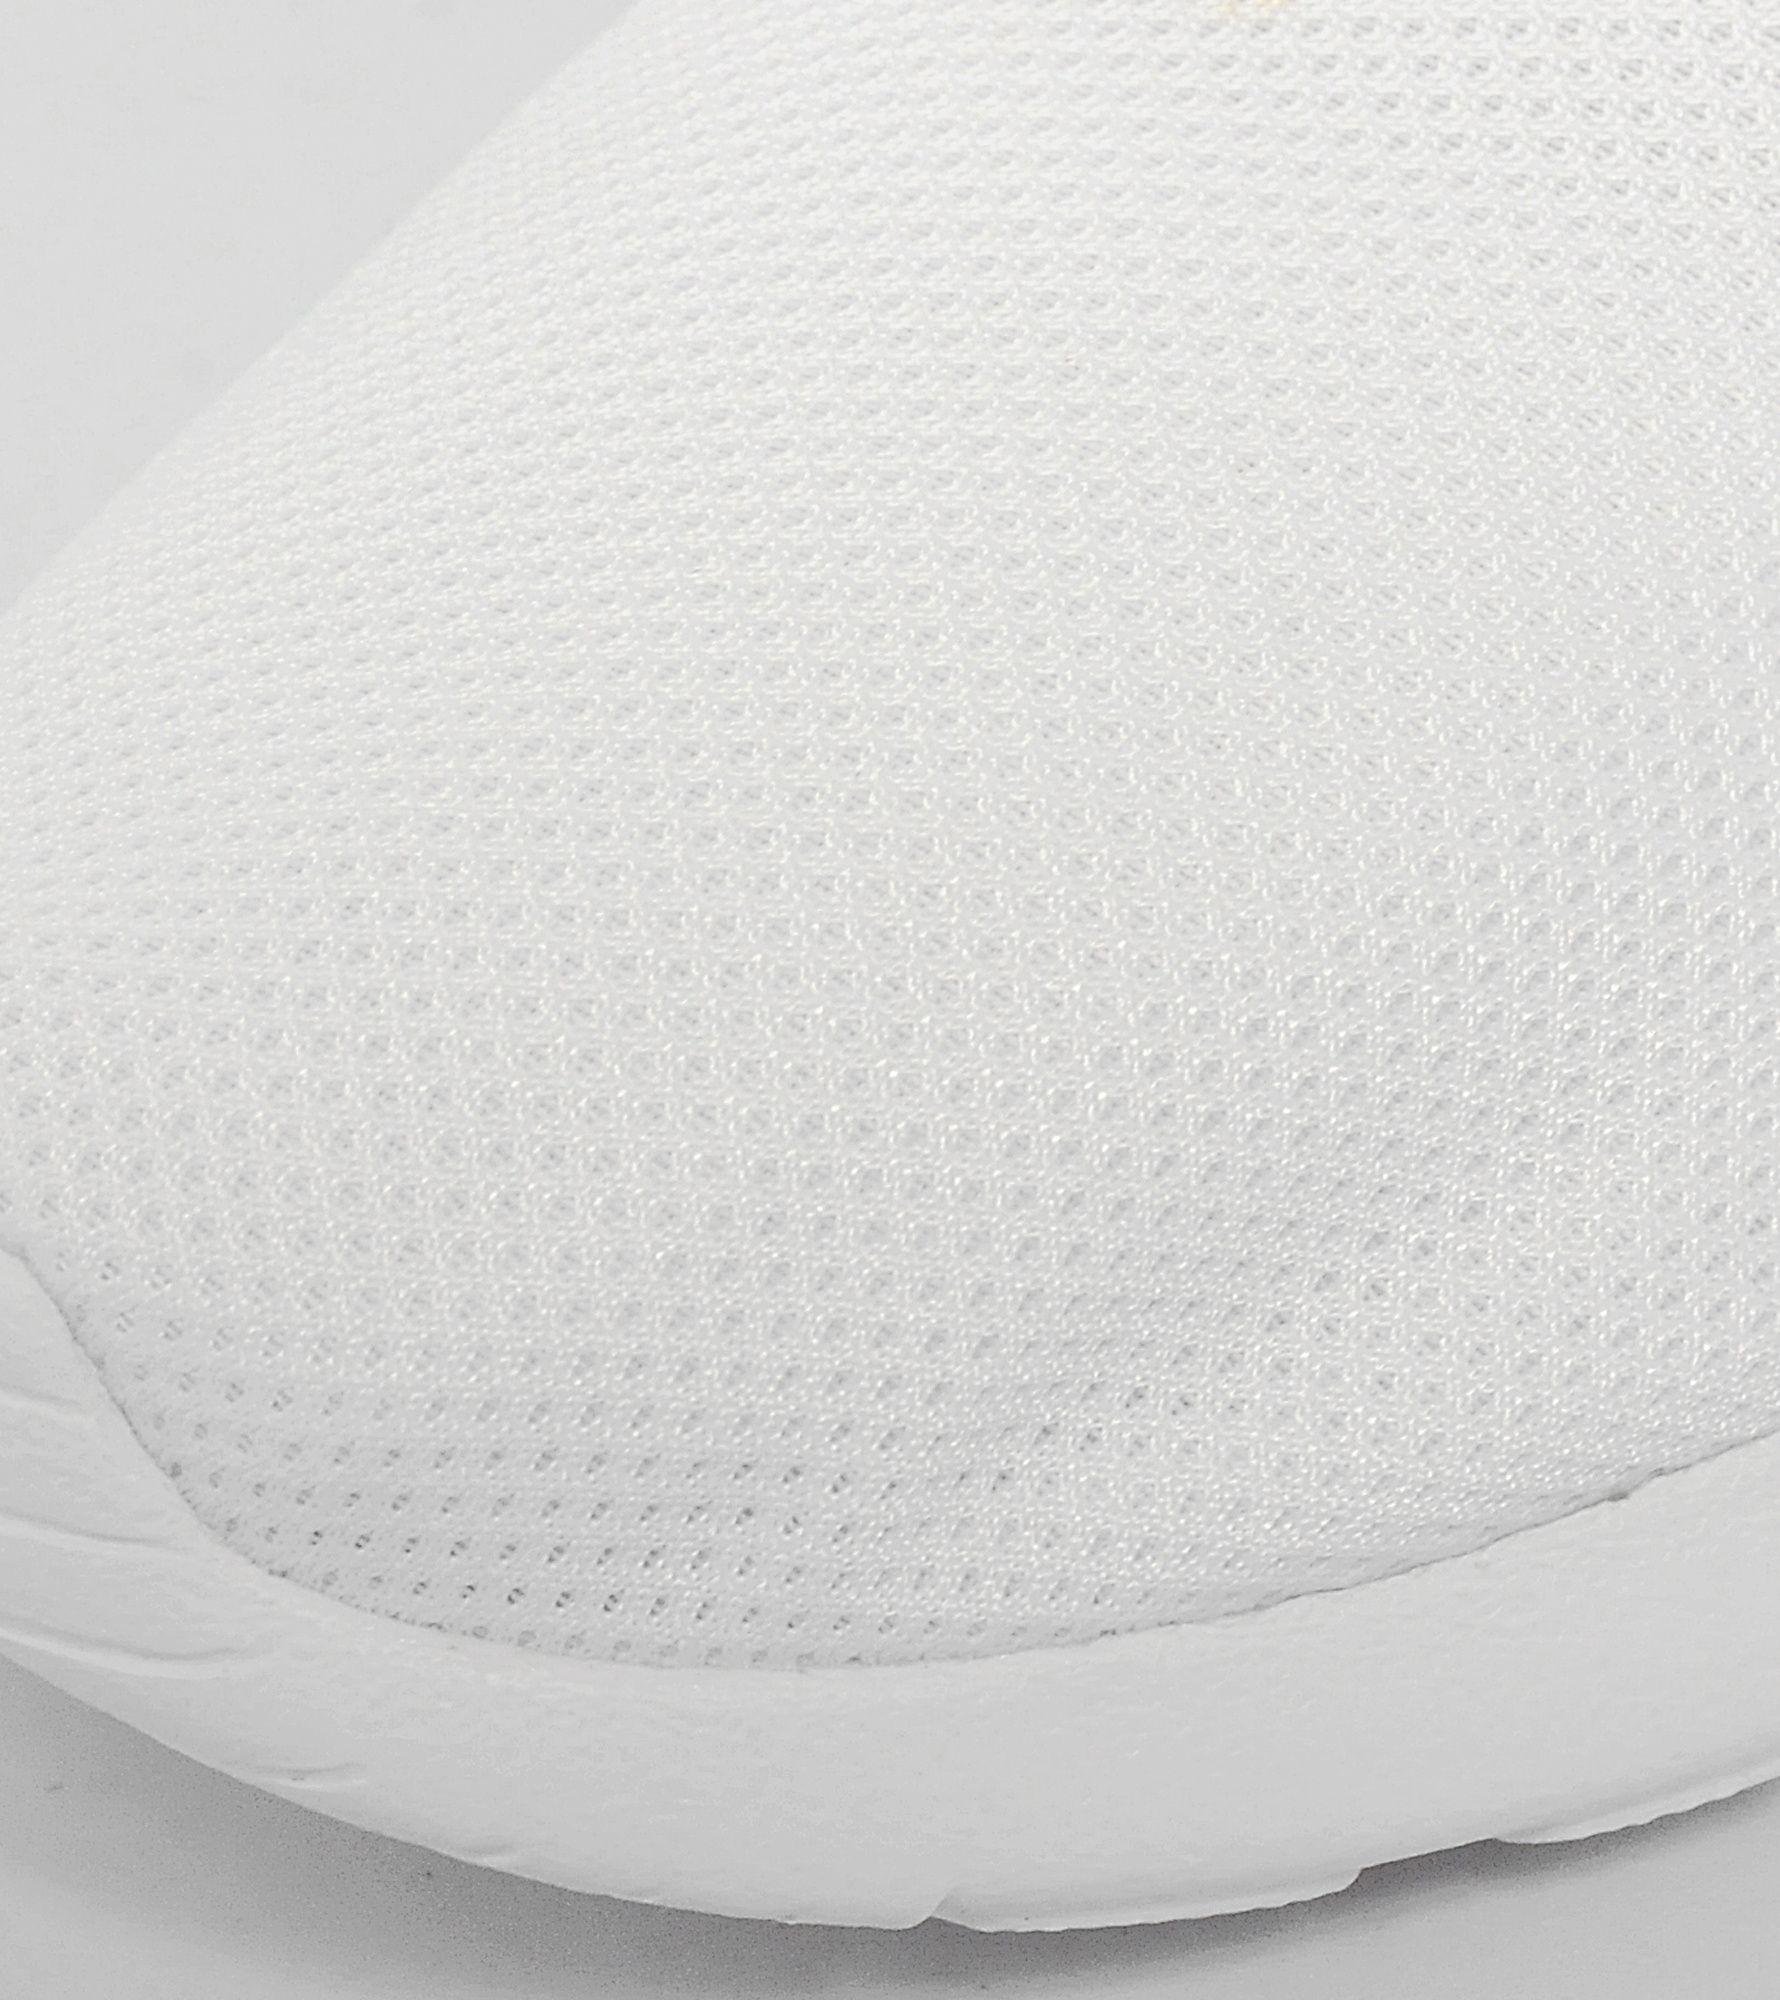 qhkfe Nike Roshe One | Size?